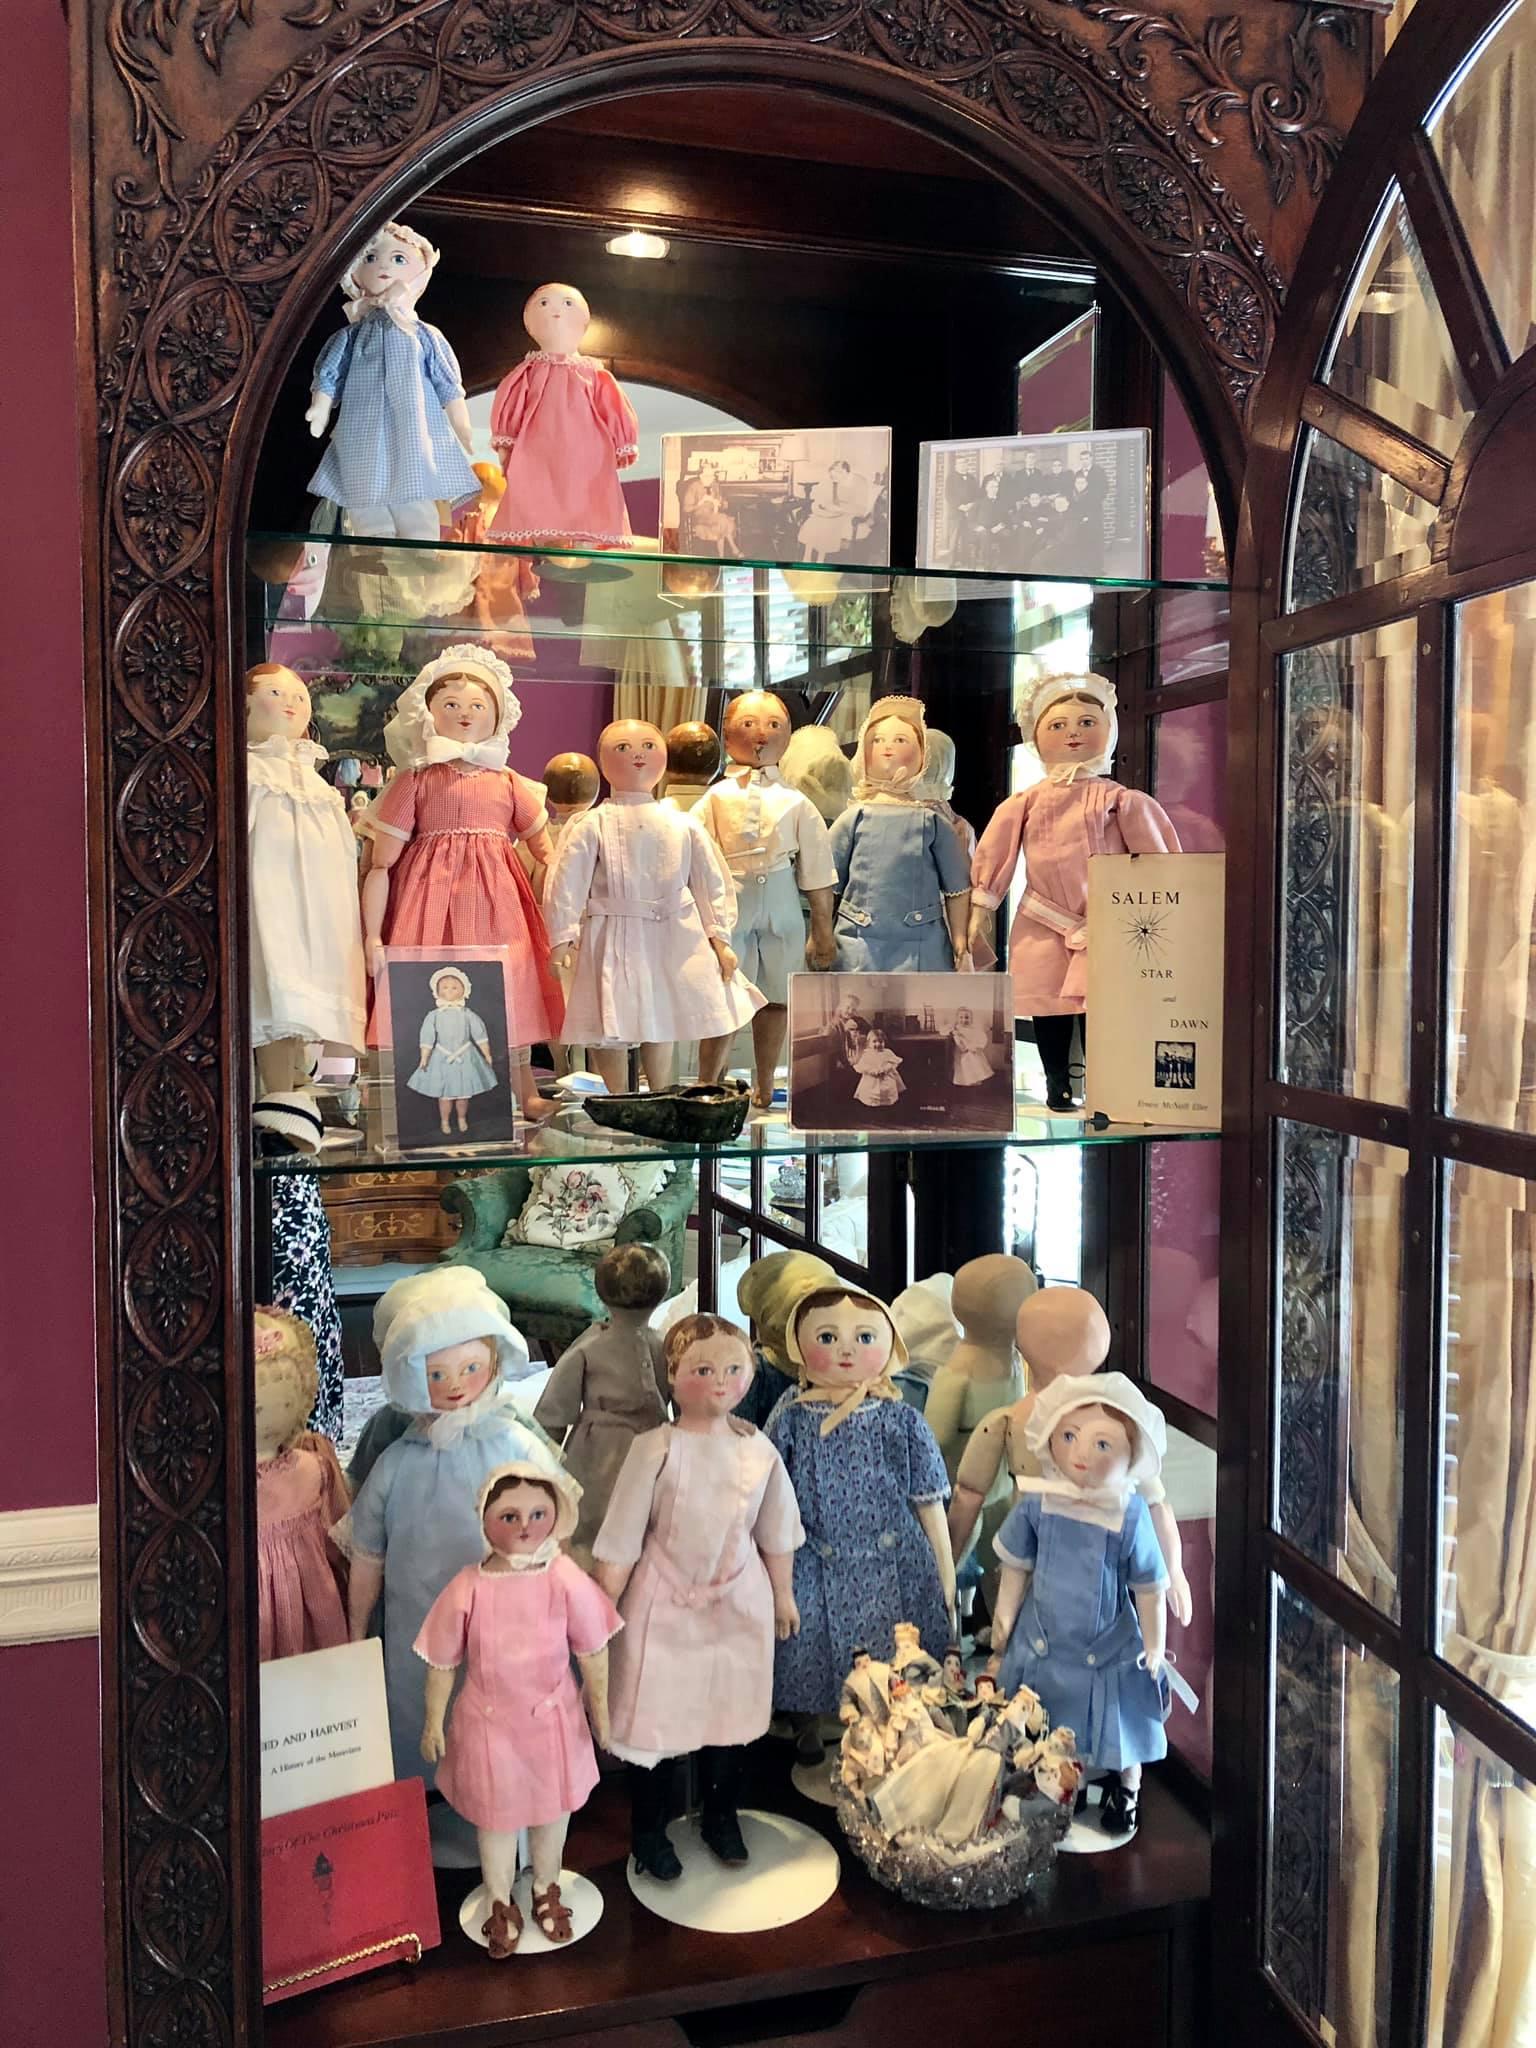 The Maggie Bessie Collection of Billye Harris